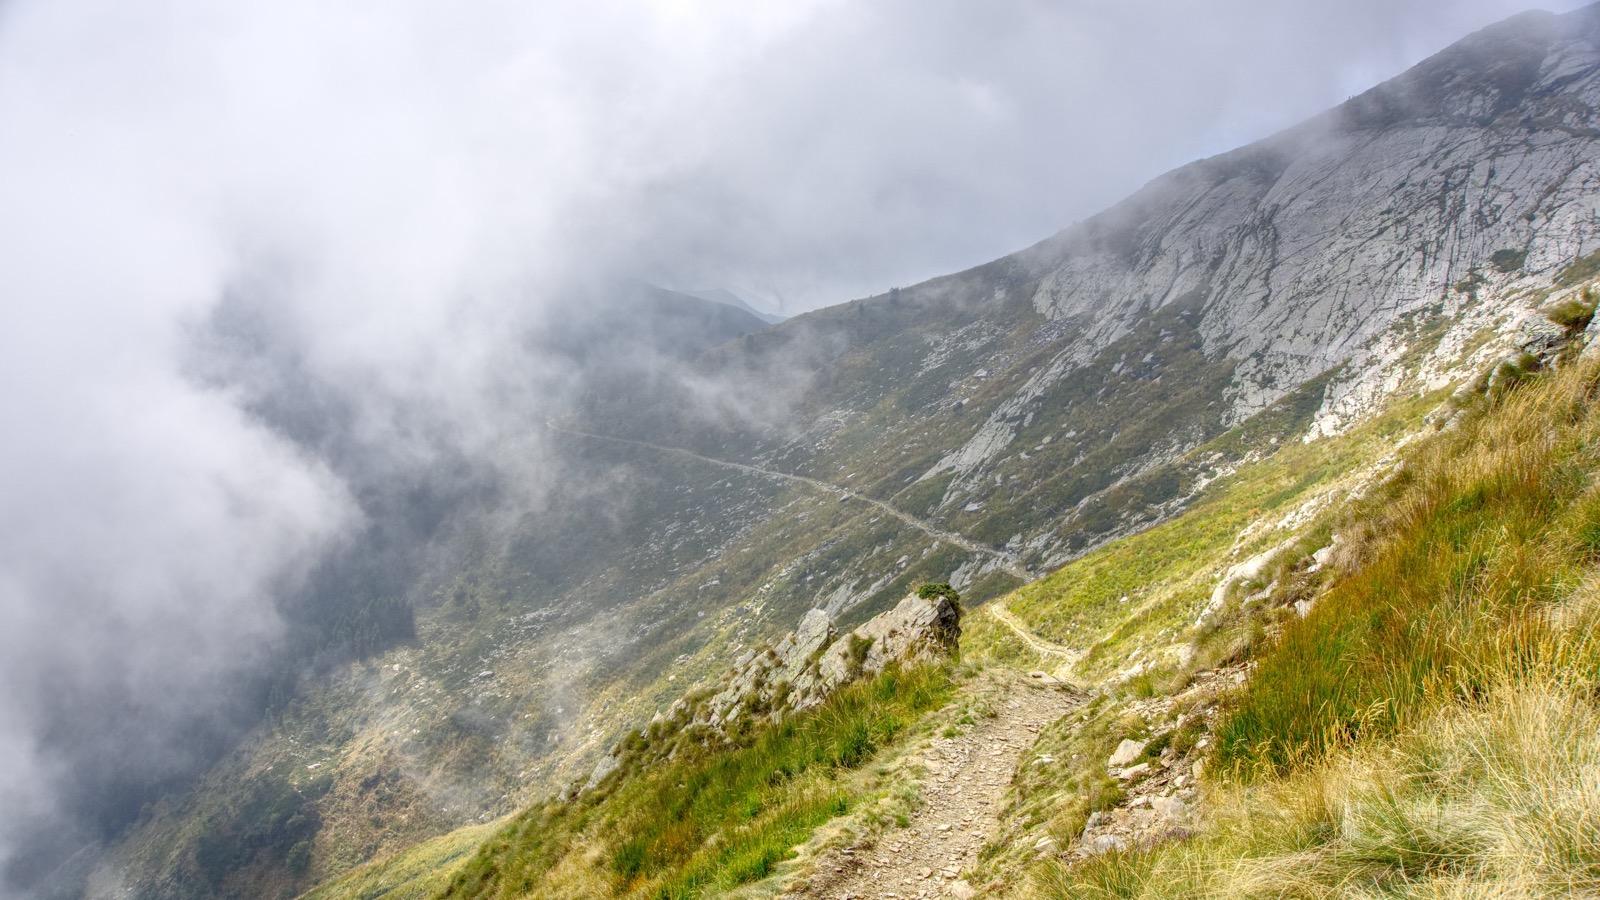 Trailige Abfahrt in den Wolken.